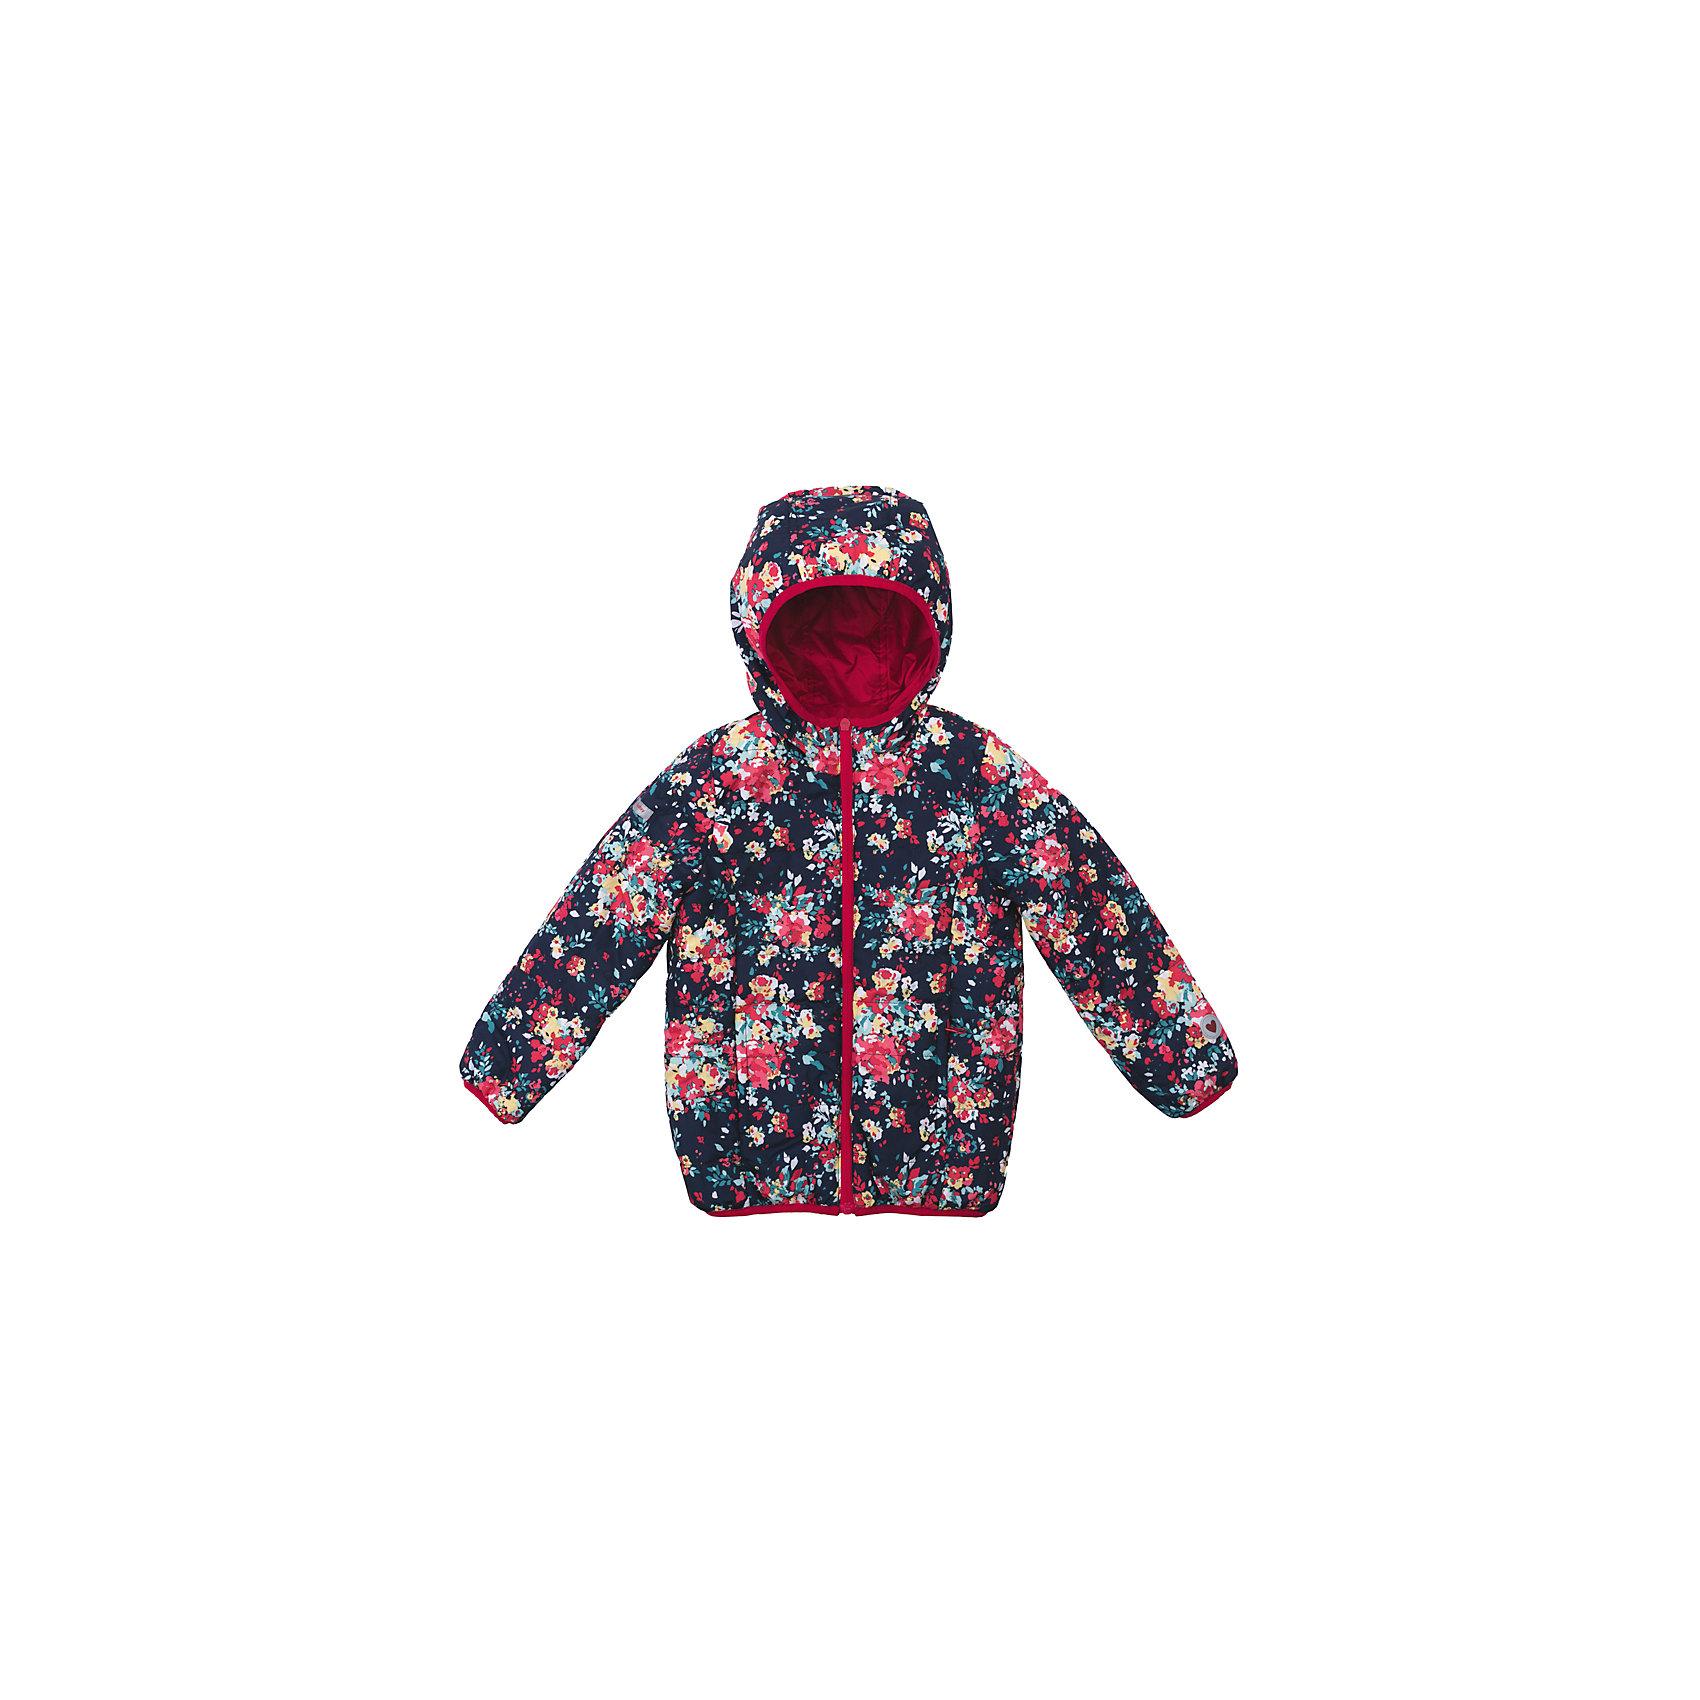 Куртка для девочки PlayTodayДемисезонные куртки<br>Куртка для девочки PlayToday<br>Практичная стильная двусторонняя утепленная куртка с капюшоном  - прекрасное решение для прохладной погоды. Капюшон на мягкой резинке не упадет с головы Вашего ребенка даже в самой активной игре.   Специальный карман для фиксации застежки-молнии не позволит застежке травмировать нежную детскую кожу. Мягкие трикотажные резинки на рукавах защитят от ветра, он не сможет проникнуть под куртку. Светоотражатели по низу изделия и на рукаве обеспечат безопасность и позволят видеть Вашего ребенка в темное время суток.  <br><br>Преимущества: <br><br>Защита подбородка. Специальный карман для фиксации застежки-молнии. Наличие данного кармана не позволит застежке -молнии травмировать нежную кожу ребенка<br>Светоотражатели по низу изделия и на рукаве <br>Мягкие трикотажные резинки на рукавах <br><br>Состав:<br>Верх: 100% полиэстер, Подкладка: 100% полиэстер, Утеплитель: 100% полиэстер, 150 г<br><br>Ширина мм: 356<br>Глубина мм: 10<br>Высота мм: 245<br>Вес г: 519<br>Цвет: разноцветный<br>Возраст от месяцев: 24<br>Возраст до месяцев: 36<br>Пол: Женский<br>Возраст: Детский<br>Размер: 98,128,104,110,116,122<br>SKU: 5403599